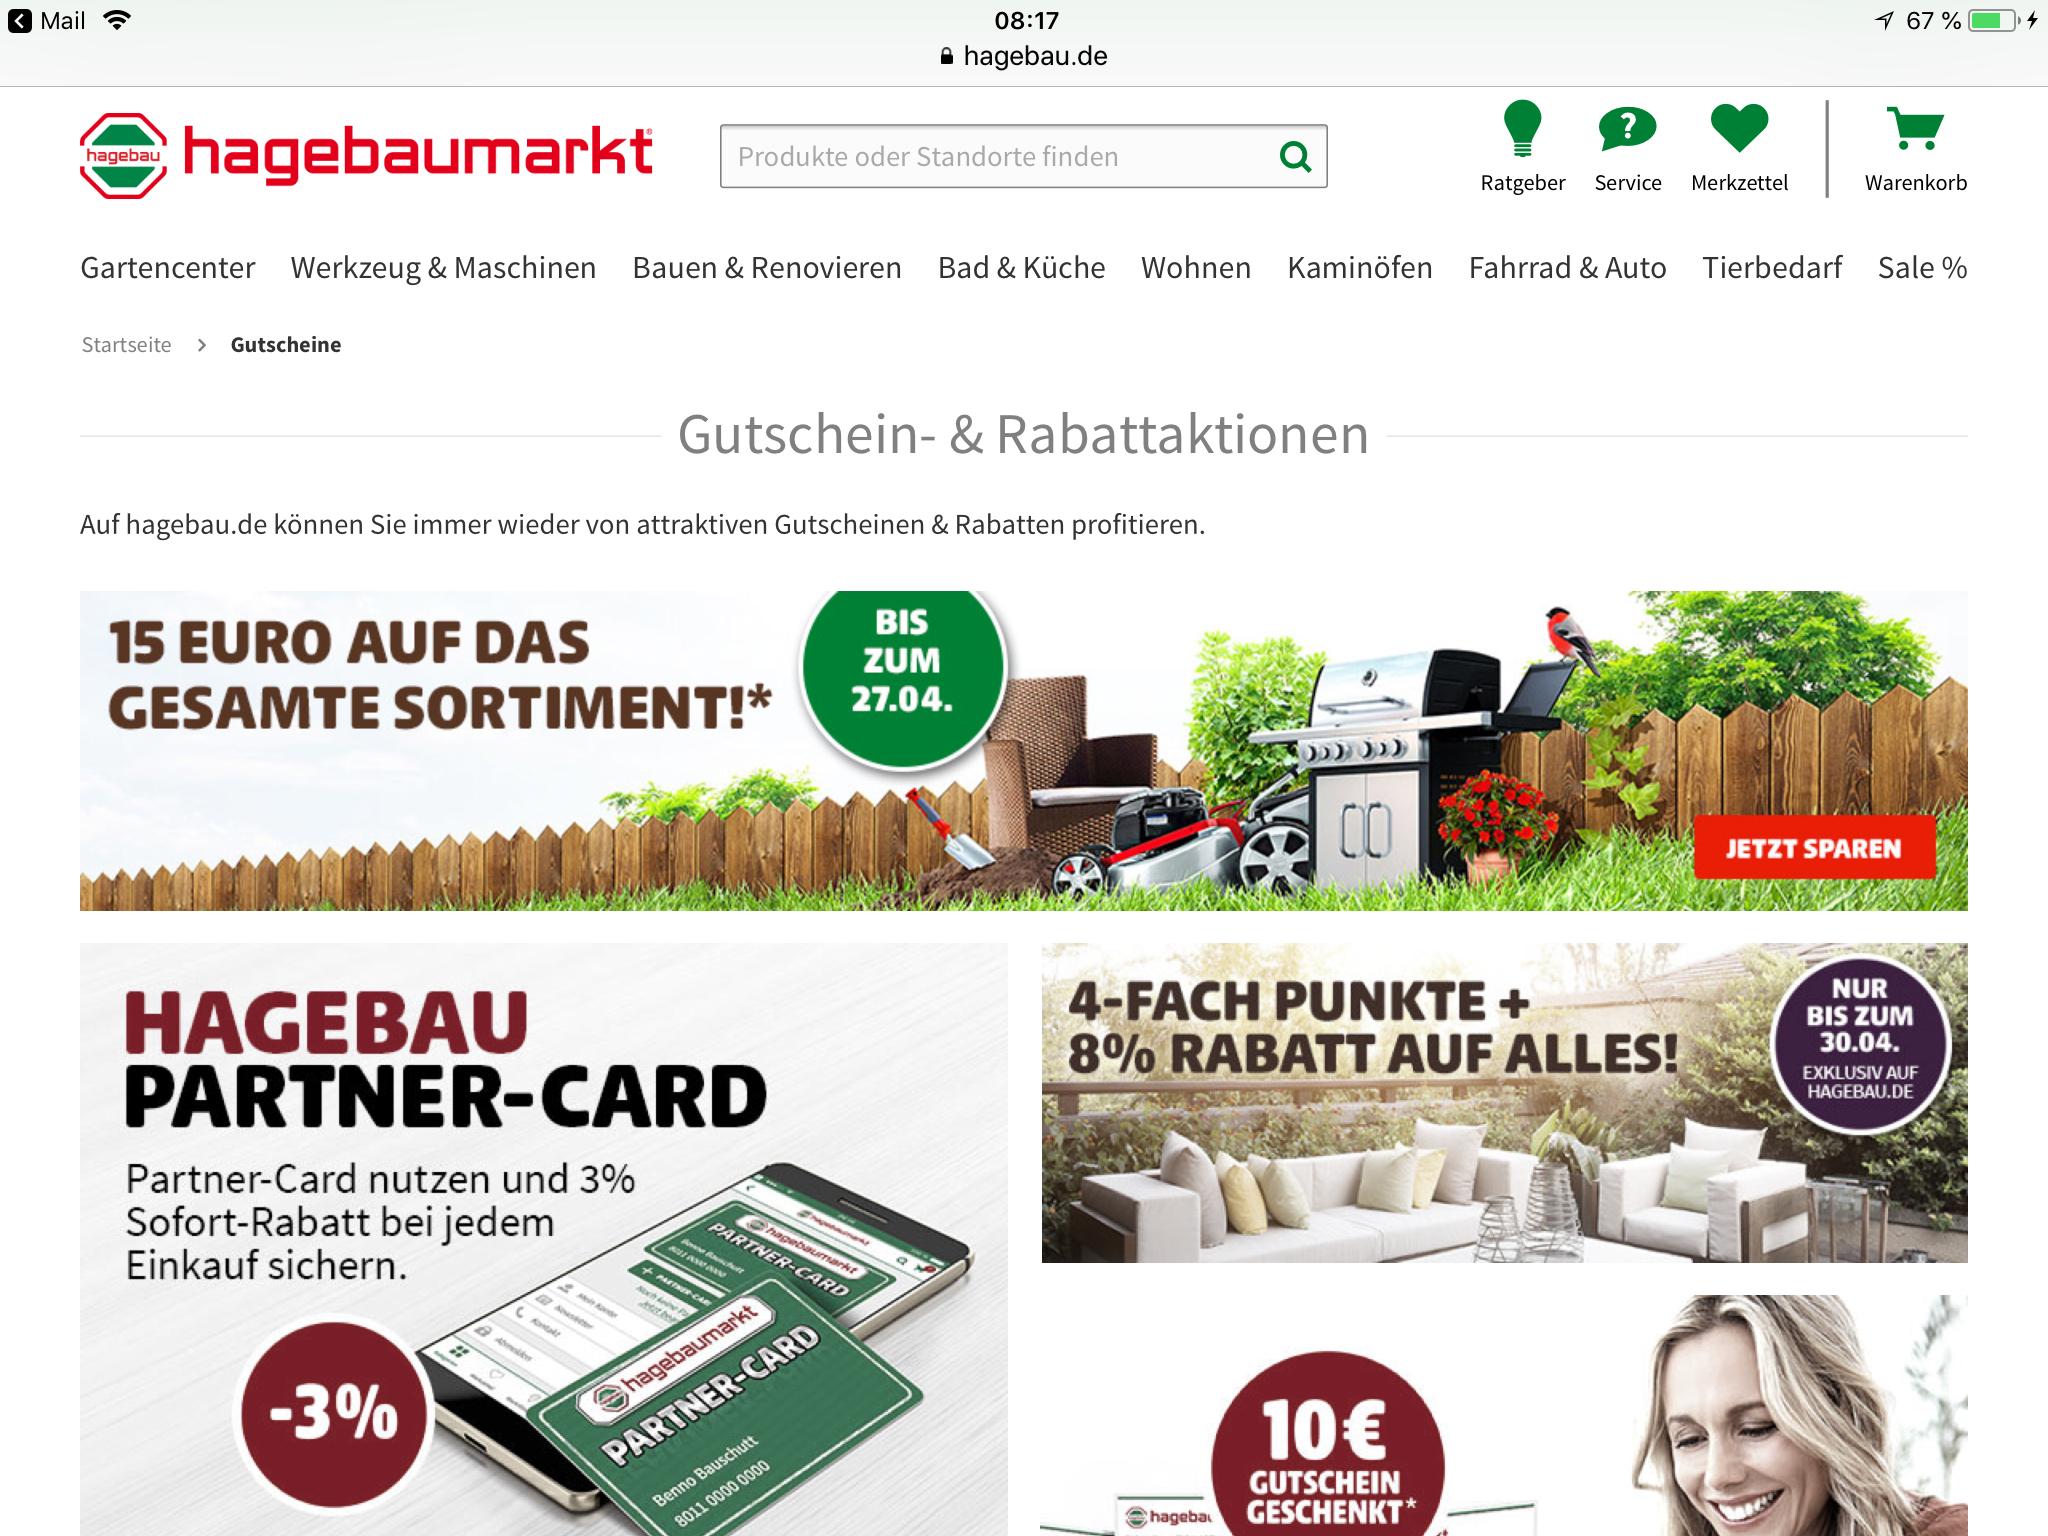 (Hagebau.de) €15 Gutschein / MBW 80,-